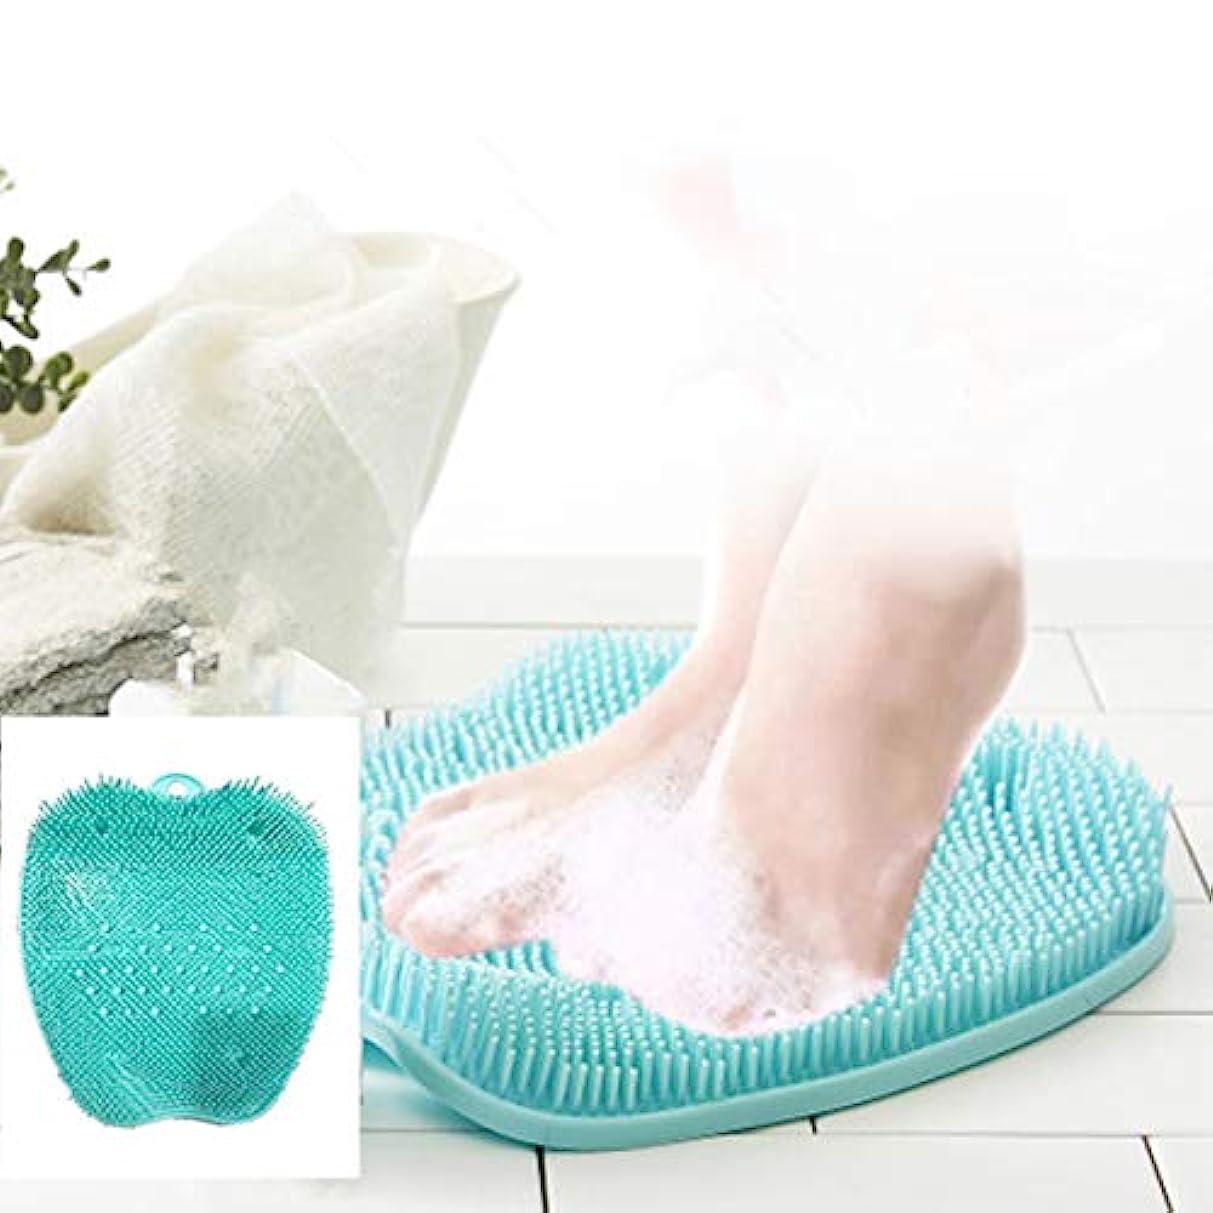 ラフレシアアルノルディ振るう連続的ROOFTOPS フットブラシ 足洗い 足洗いマット滑らない吸盤付き 消化 足裏ブラシ 足臭い 角質ケア フットケアブラシ 角質 臭い 防止 足裏マッサージ